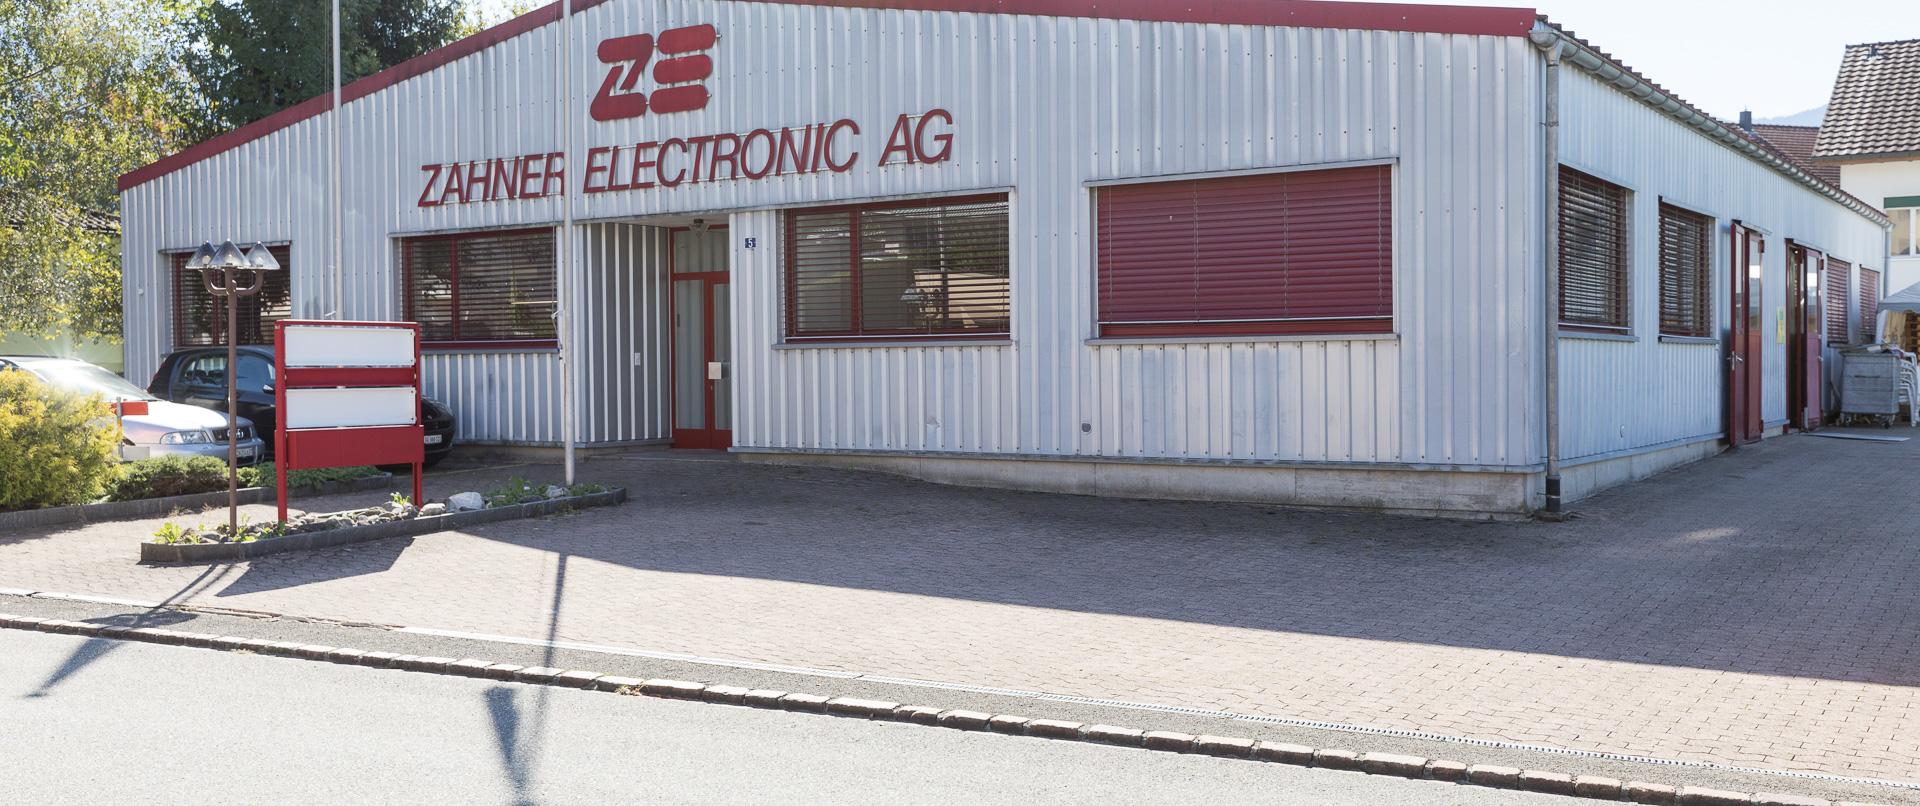 zahner_electronic_kaltbrunn_0466